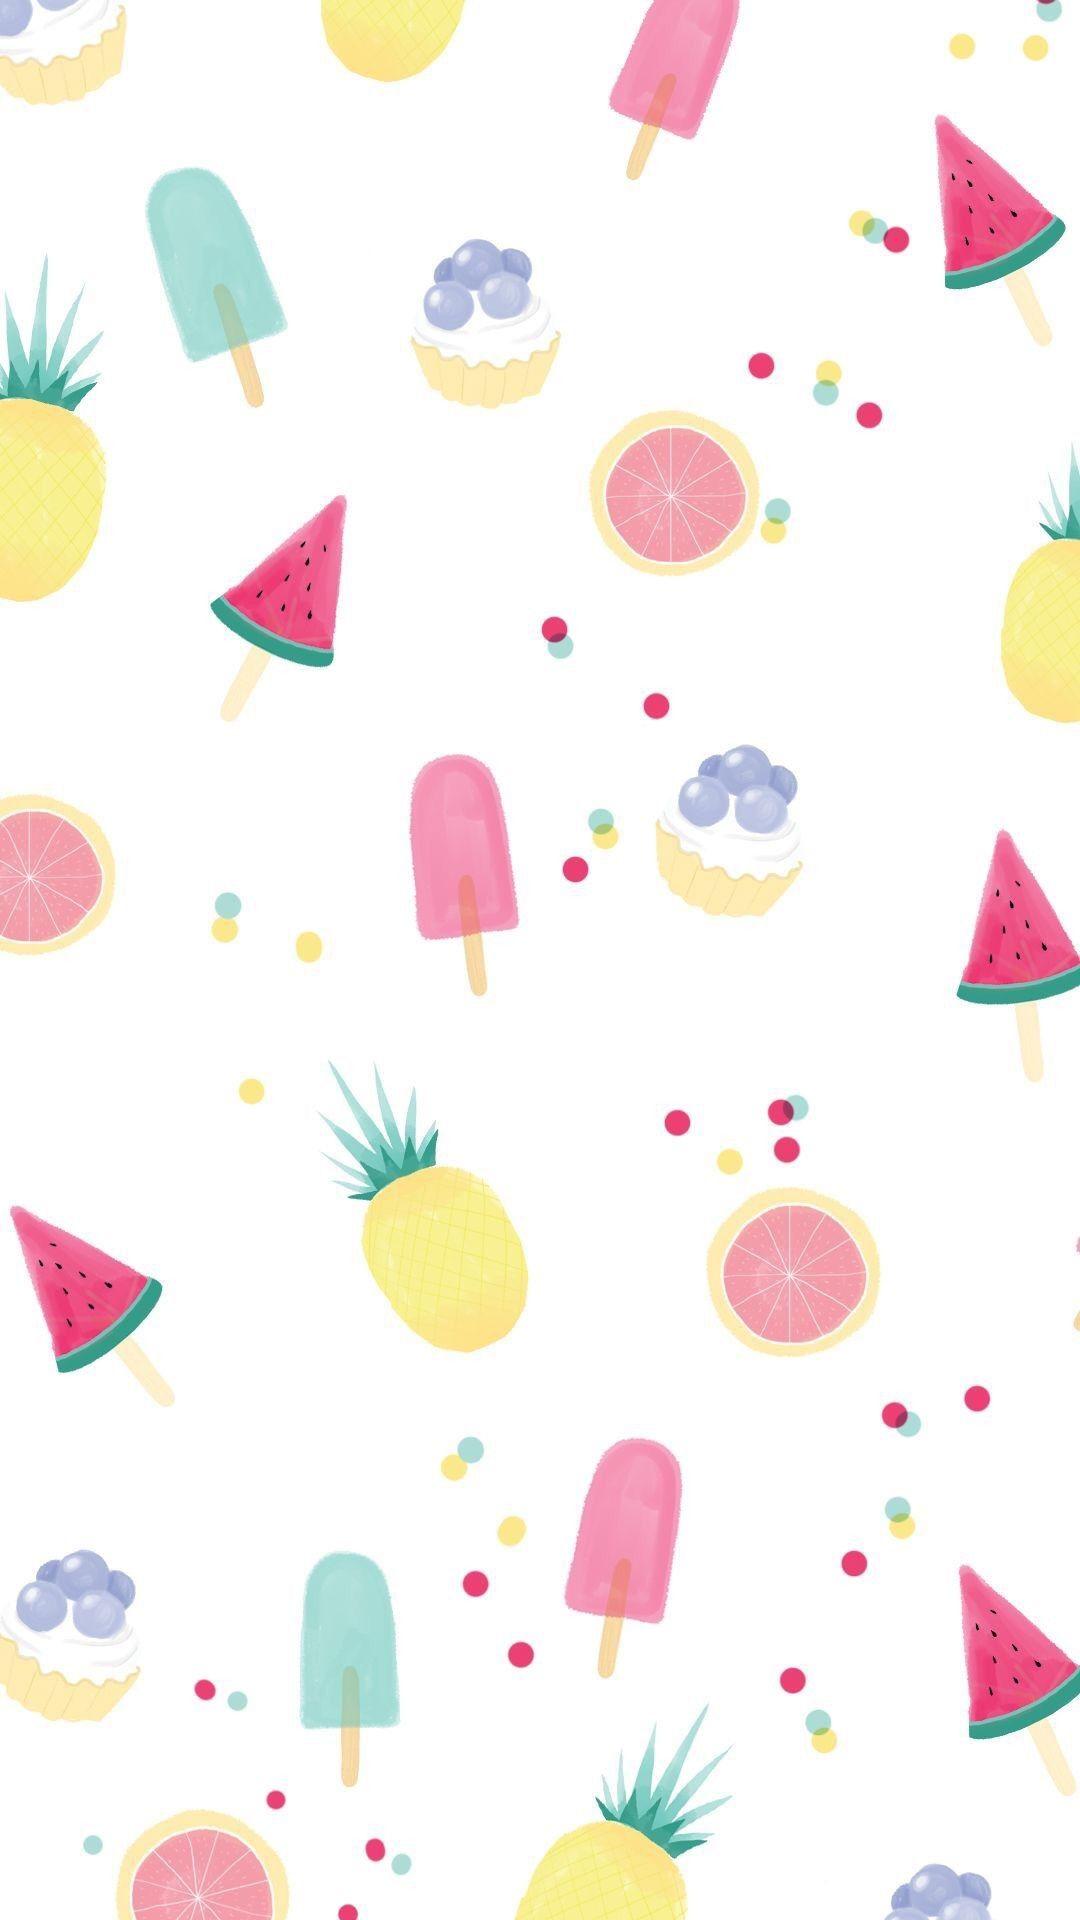 Res 1080x1920 Wallpaper Food Wallpaper Iphone Summer Hipster Wallpaper Summer Wallpaper